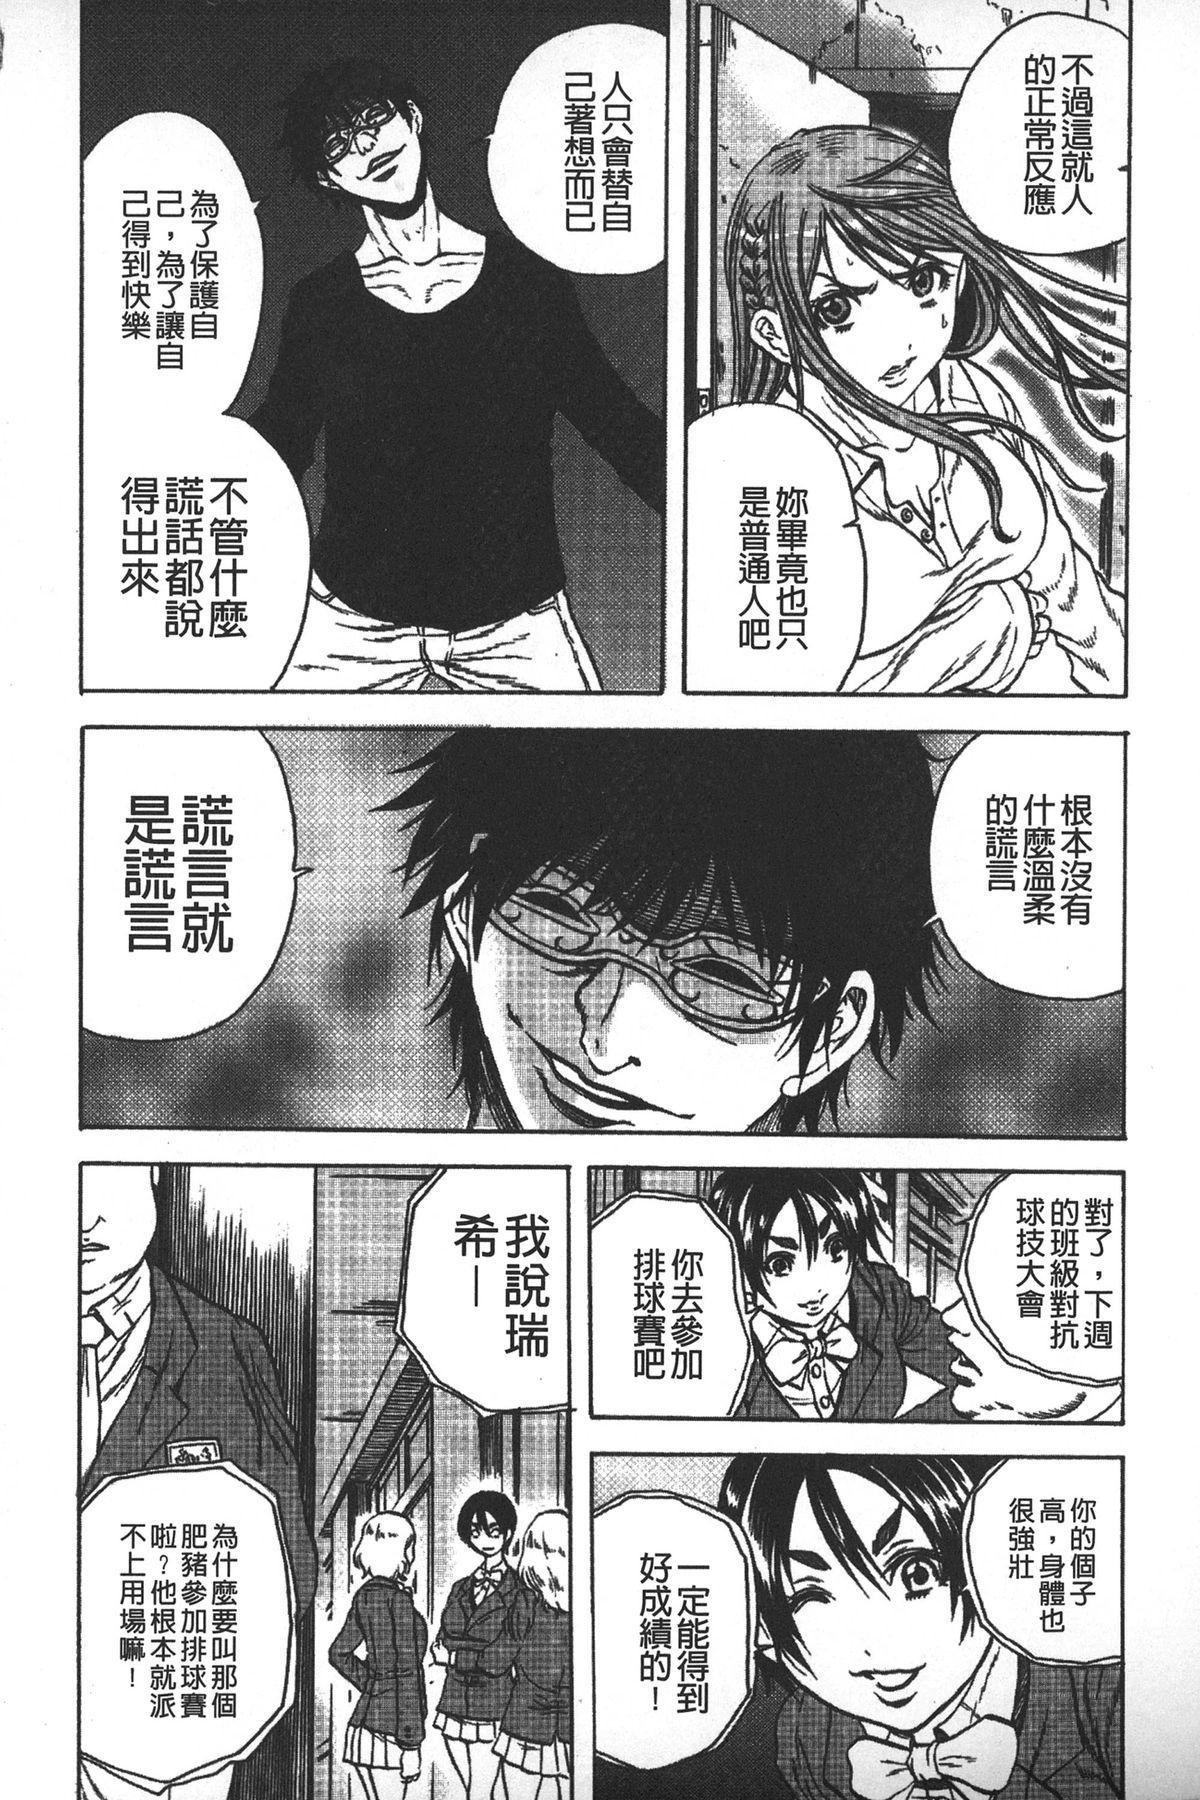 Ryoujoku Kyoushitsu 96